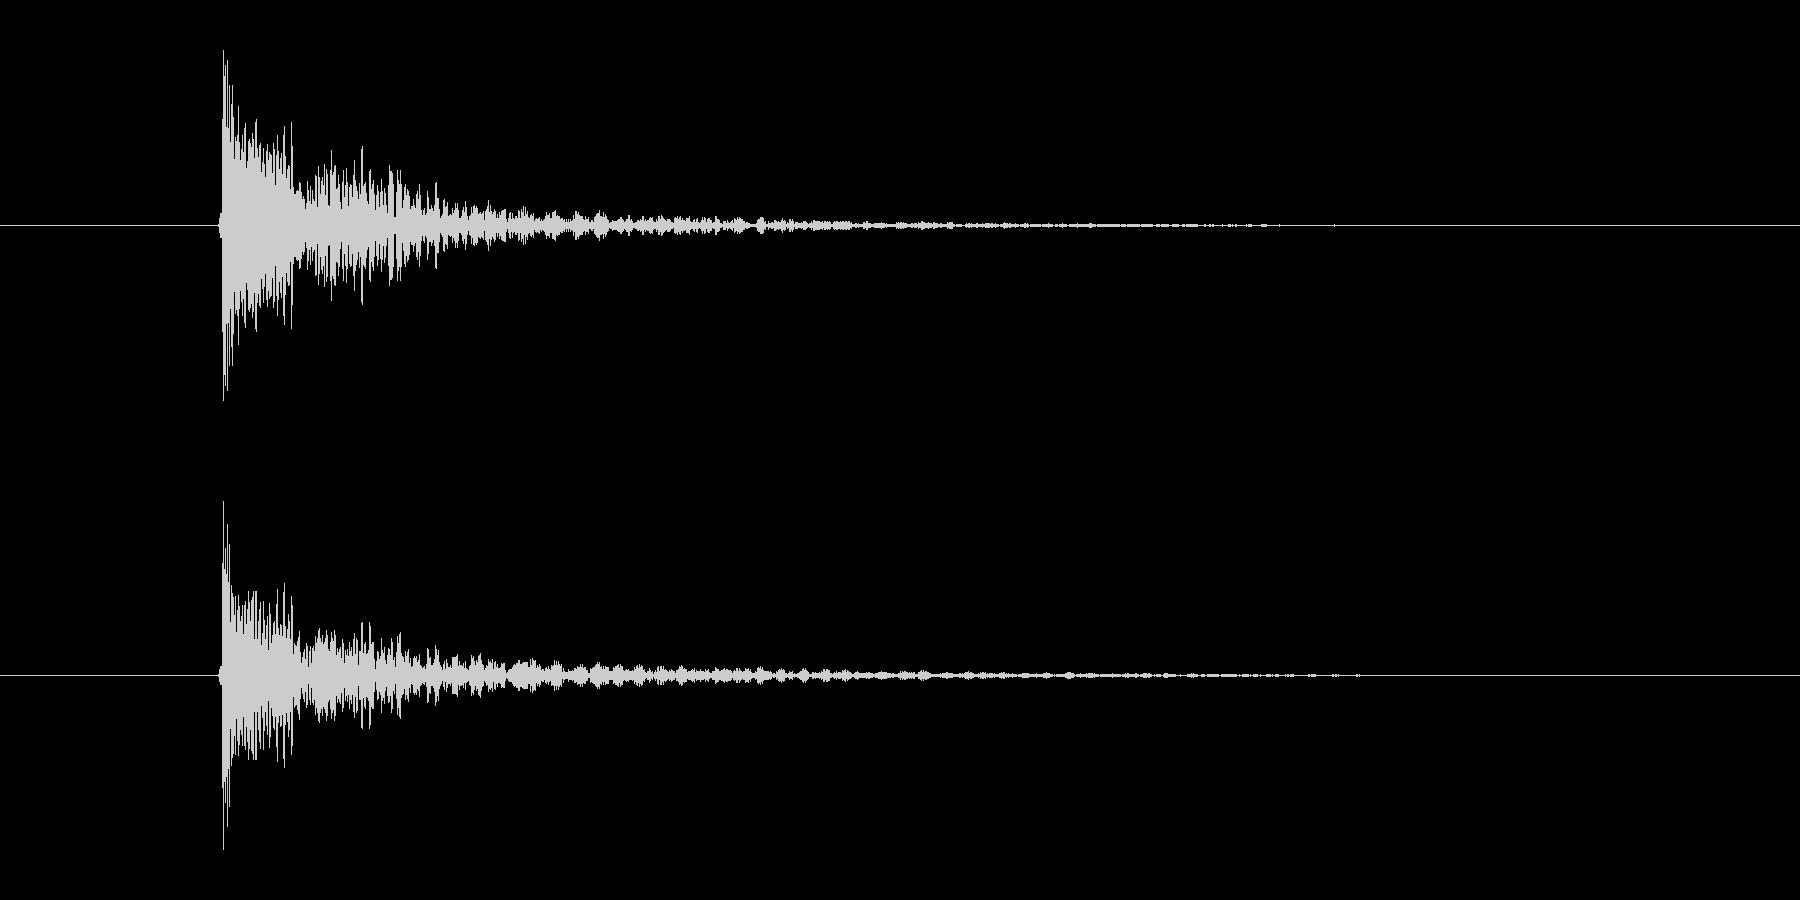 「ダン」という張り詰めた太鼓の音の未再生の波形